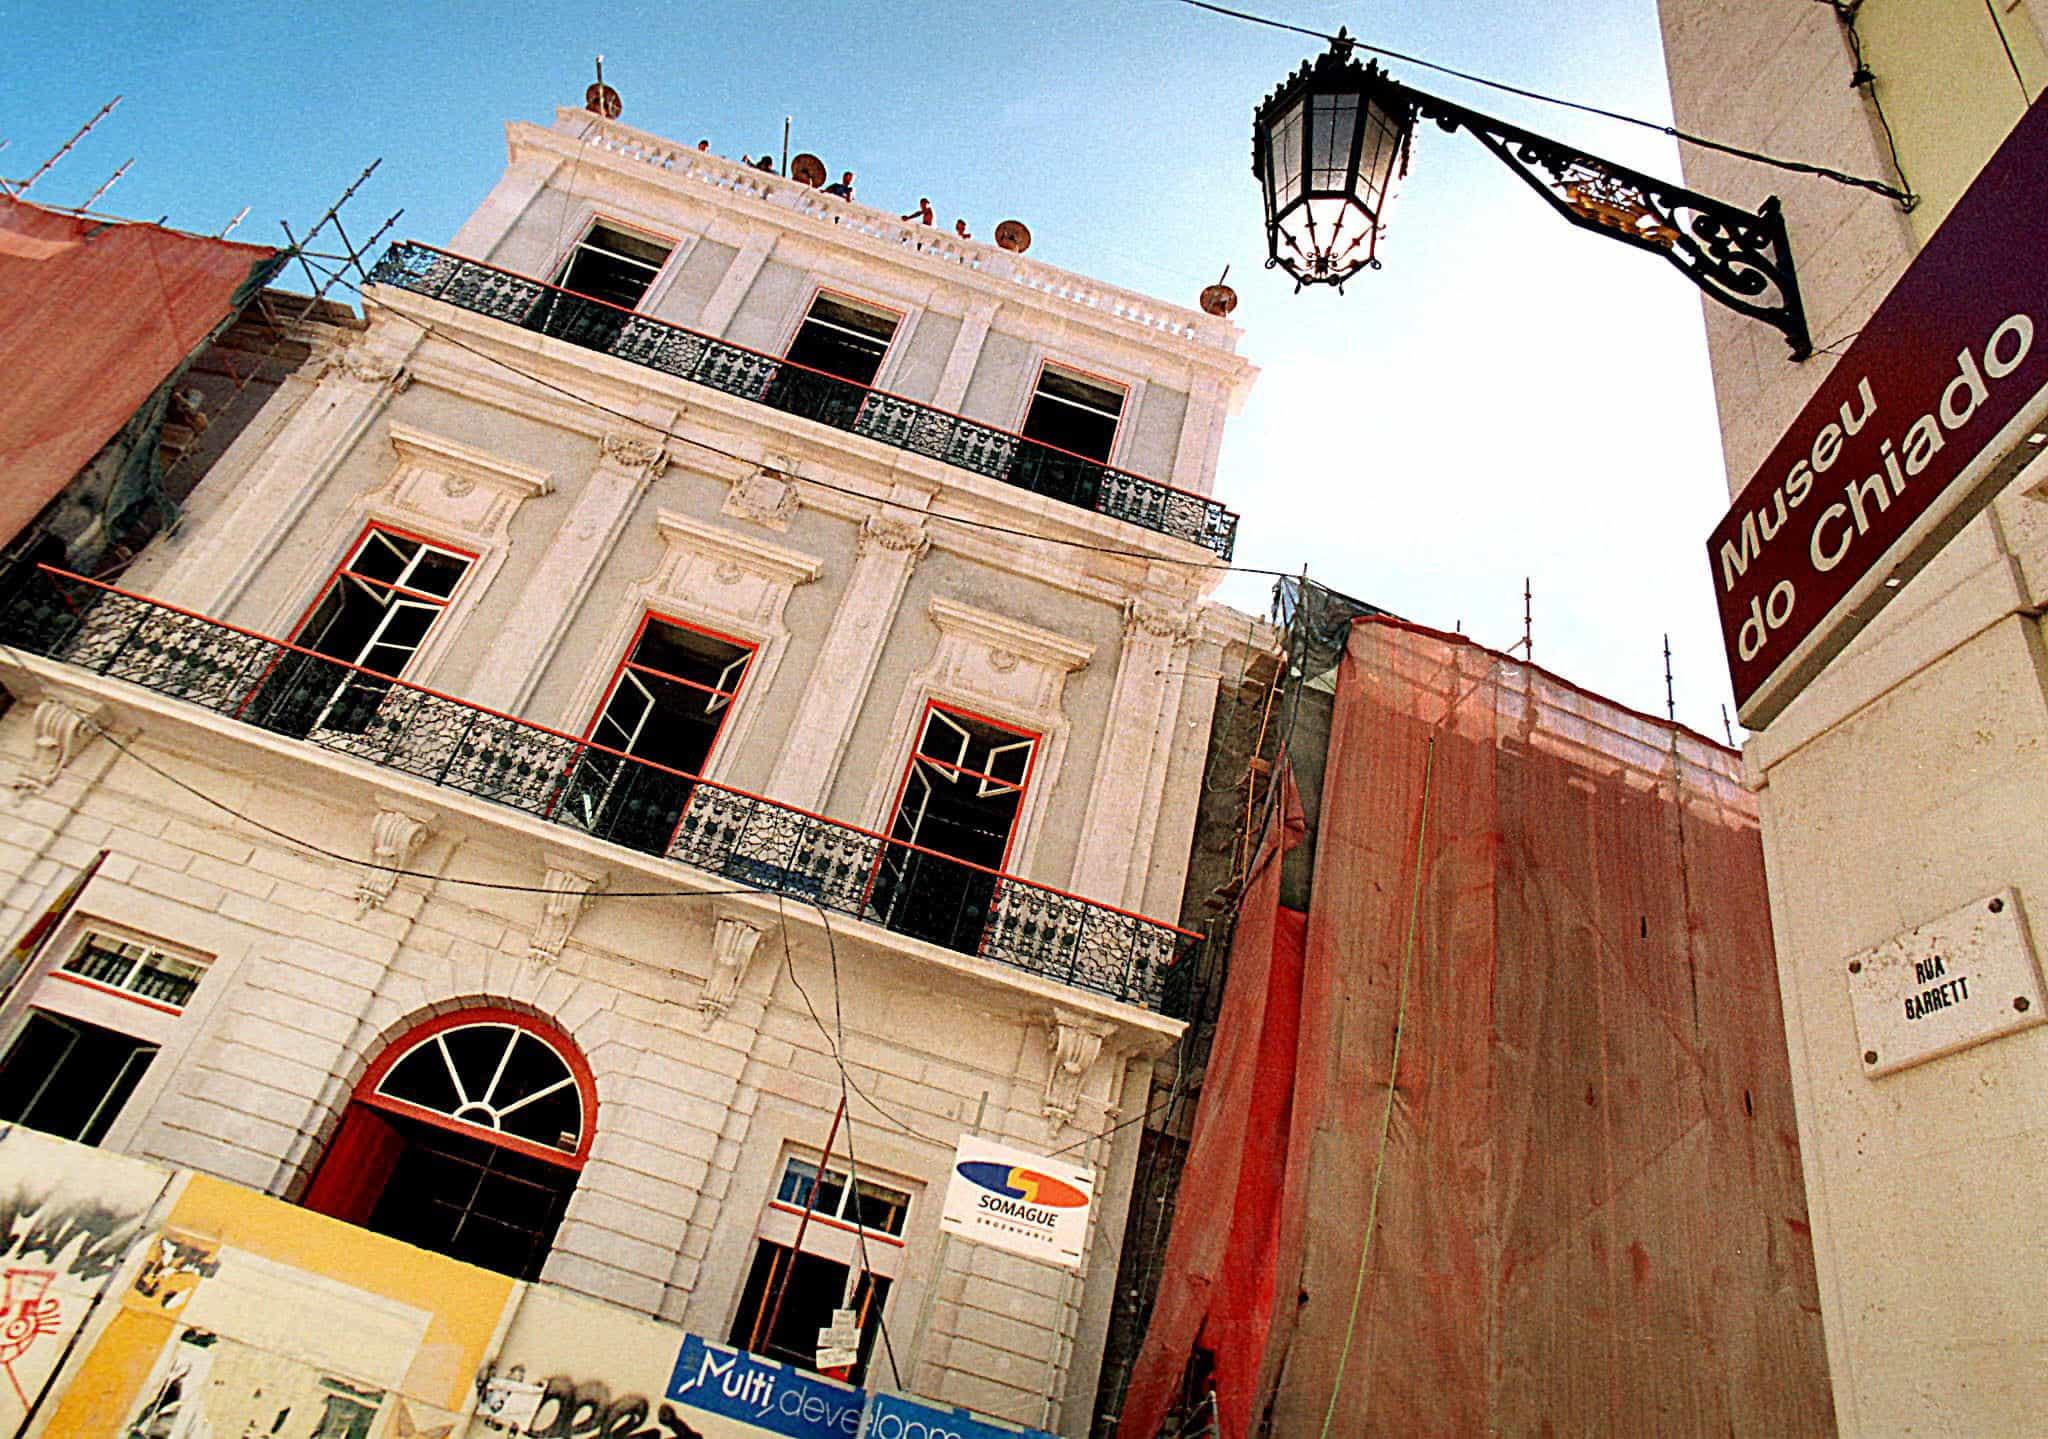 Polo do Museu do Chiado deverá ser inaugurado em 2020 em Chaves